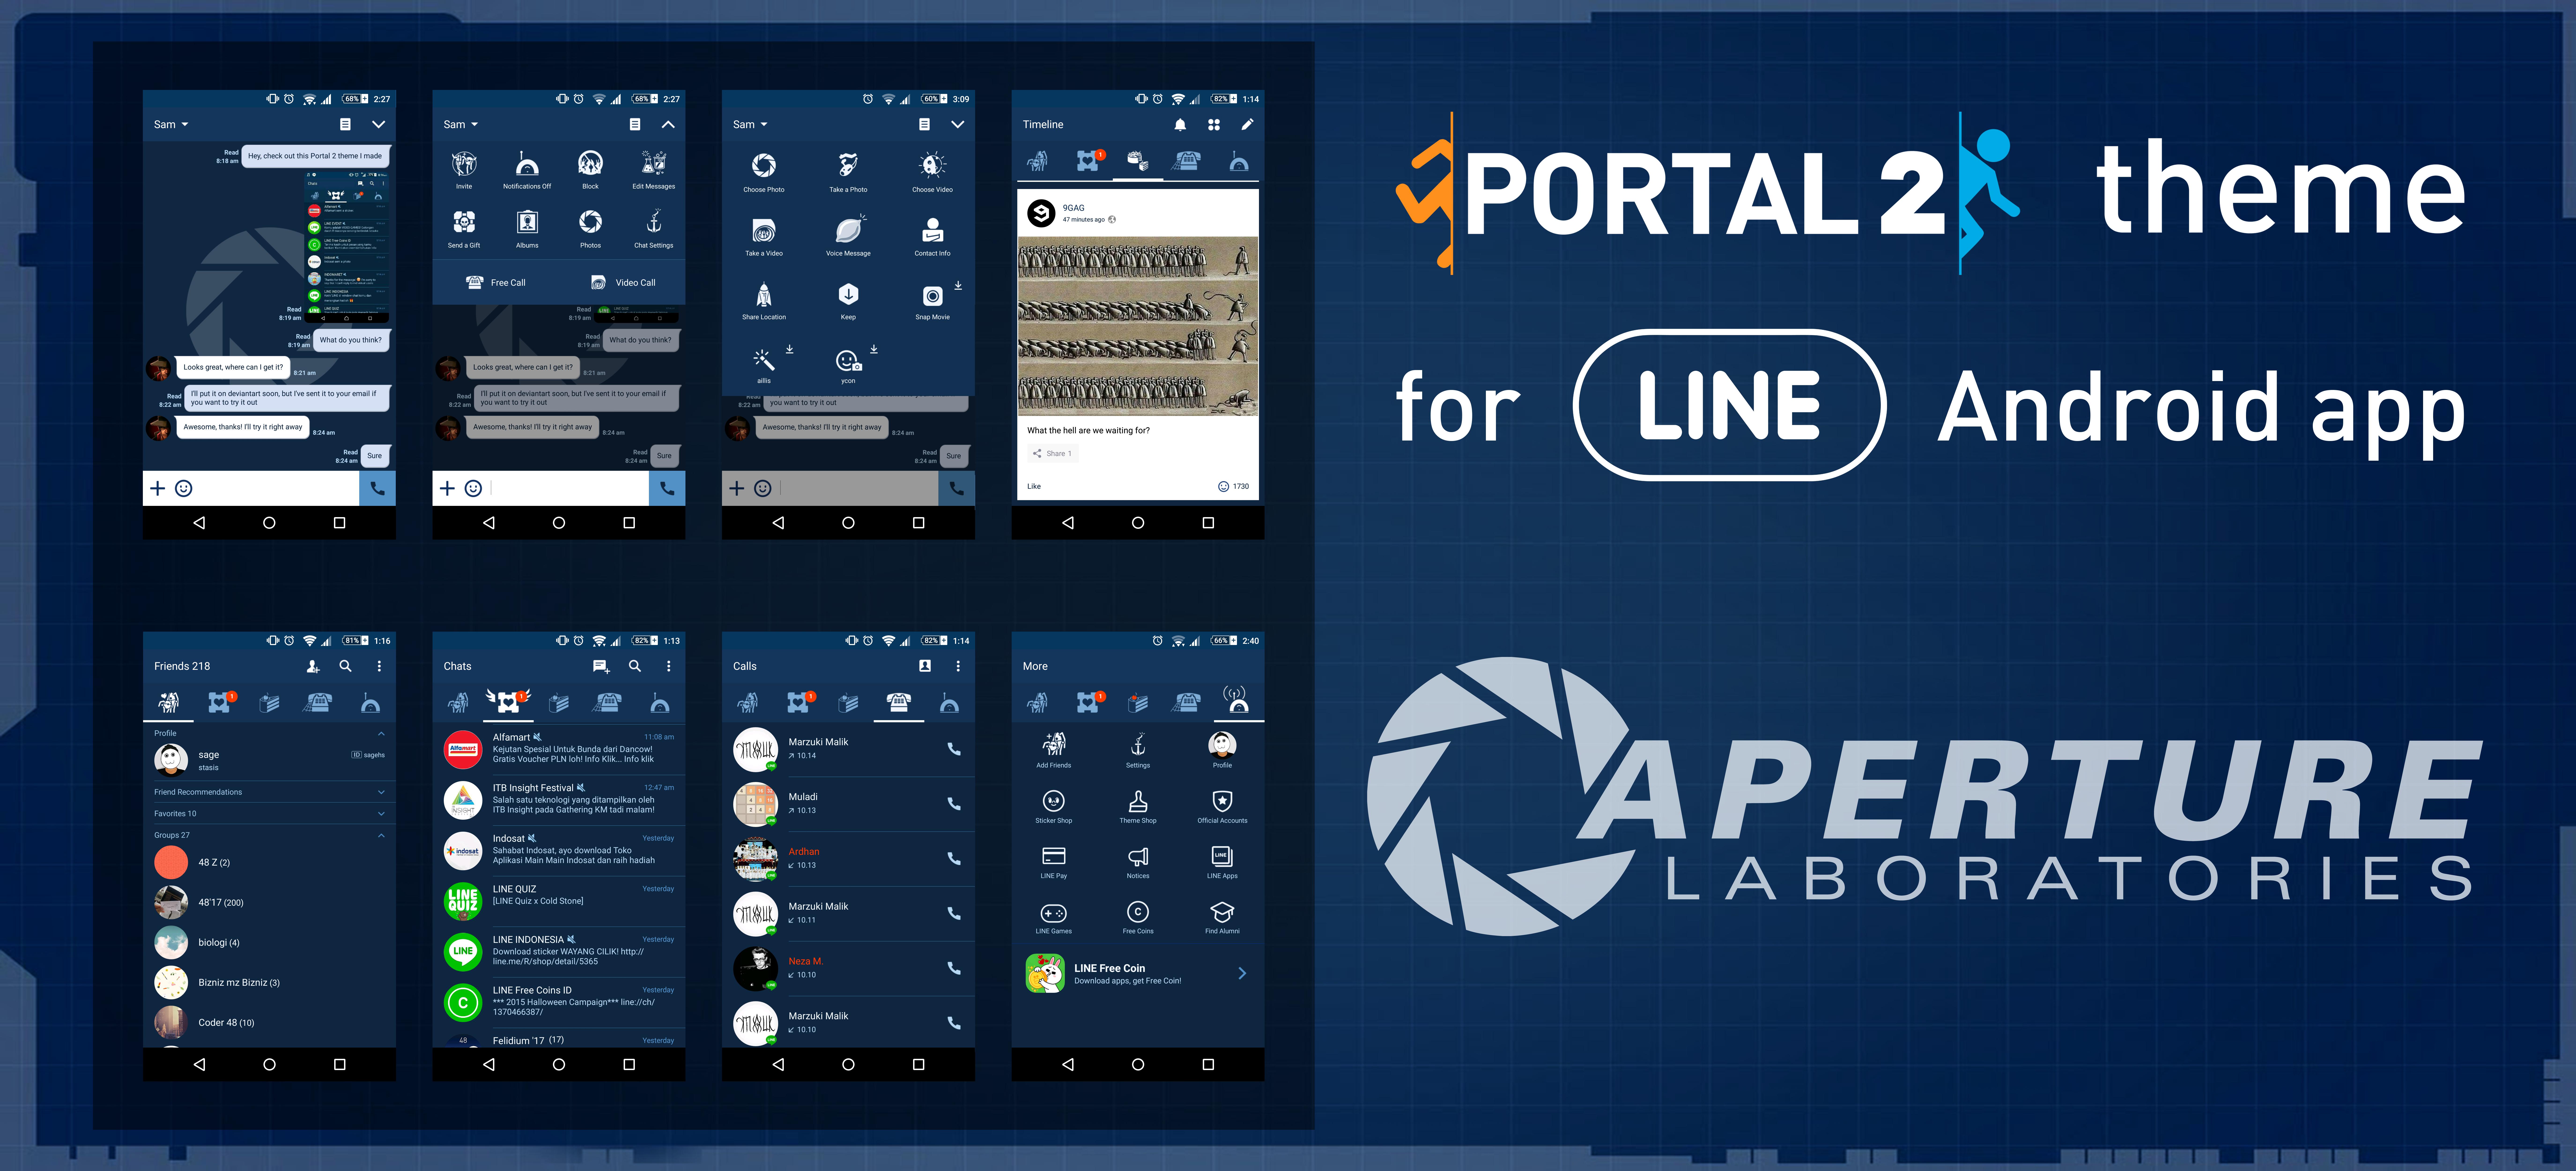 Portal 2 LINE Theme